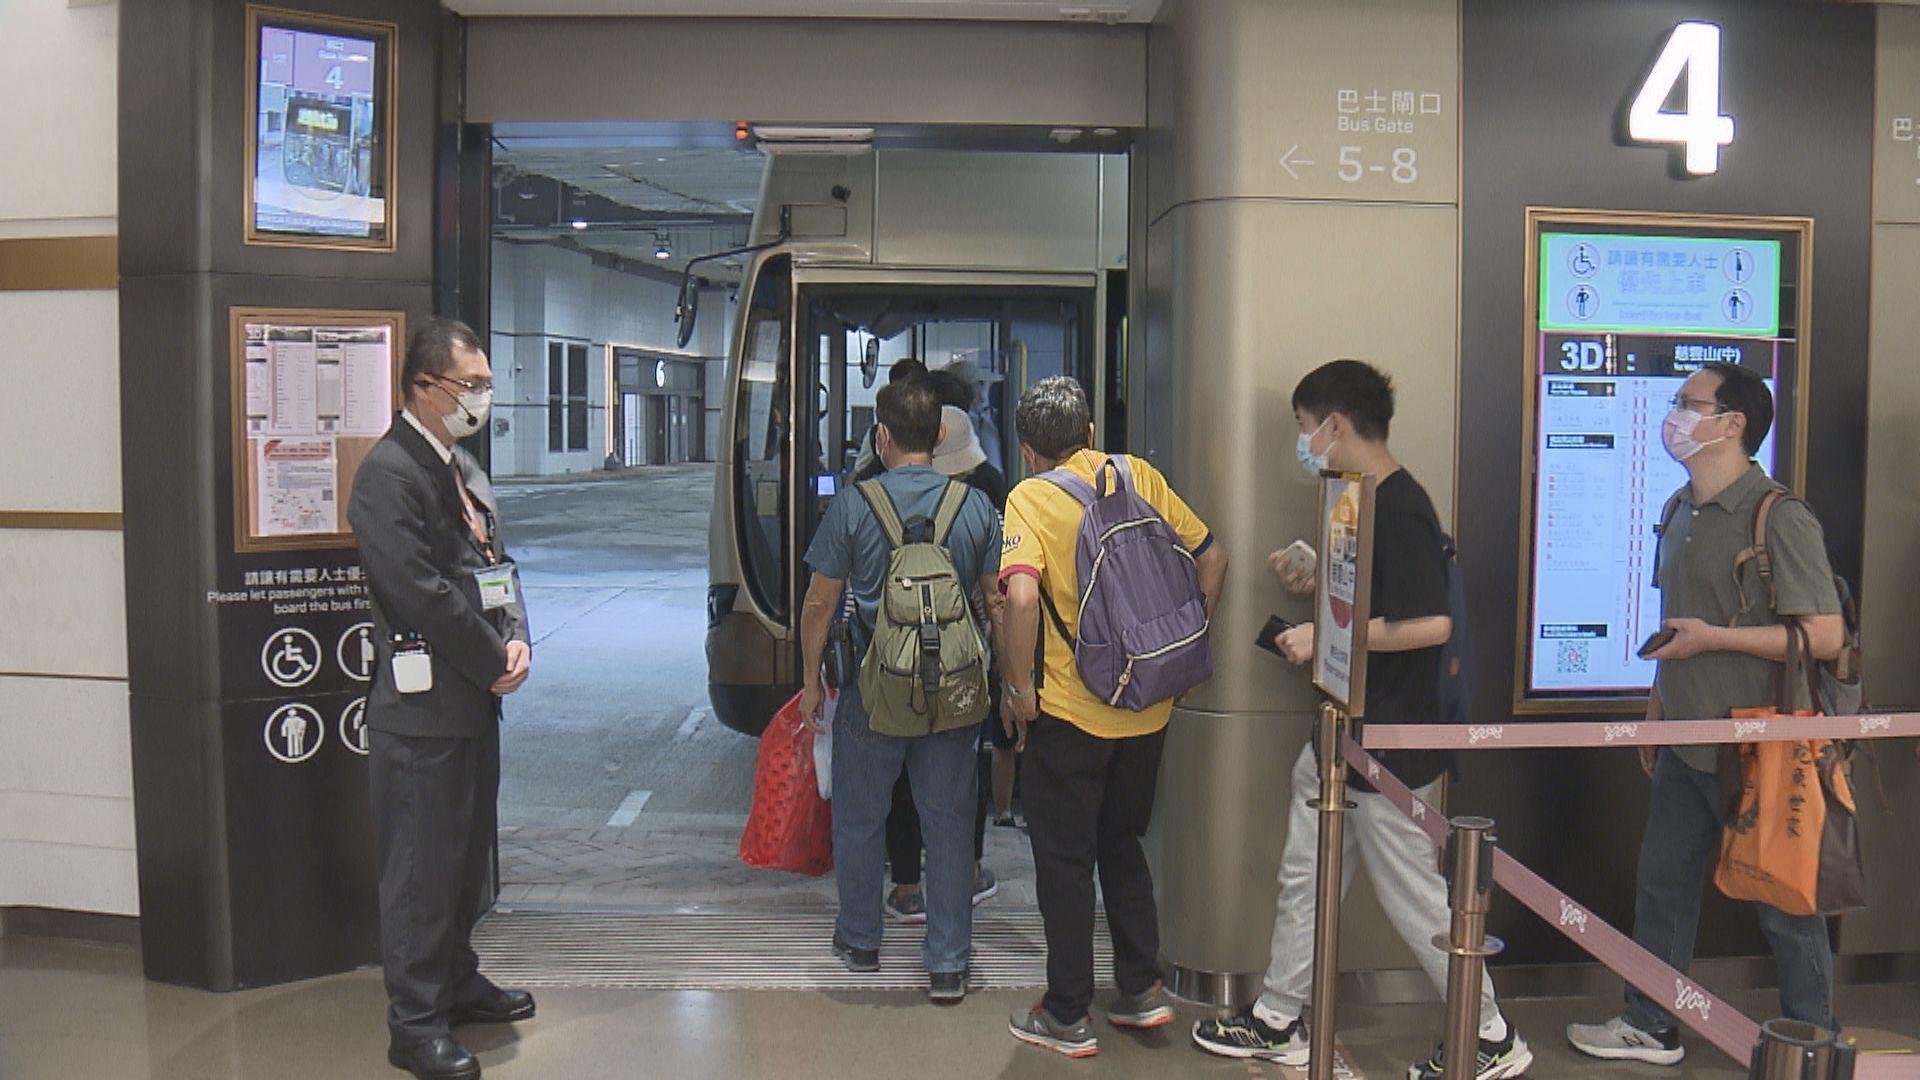 觀塘交通交匯處啟用四日 九宗閘門操作未如理想報告